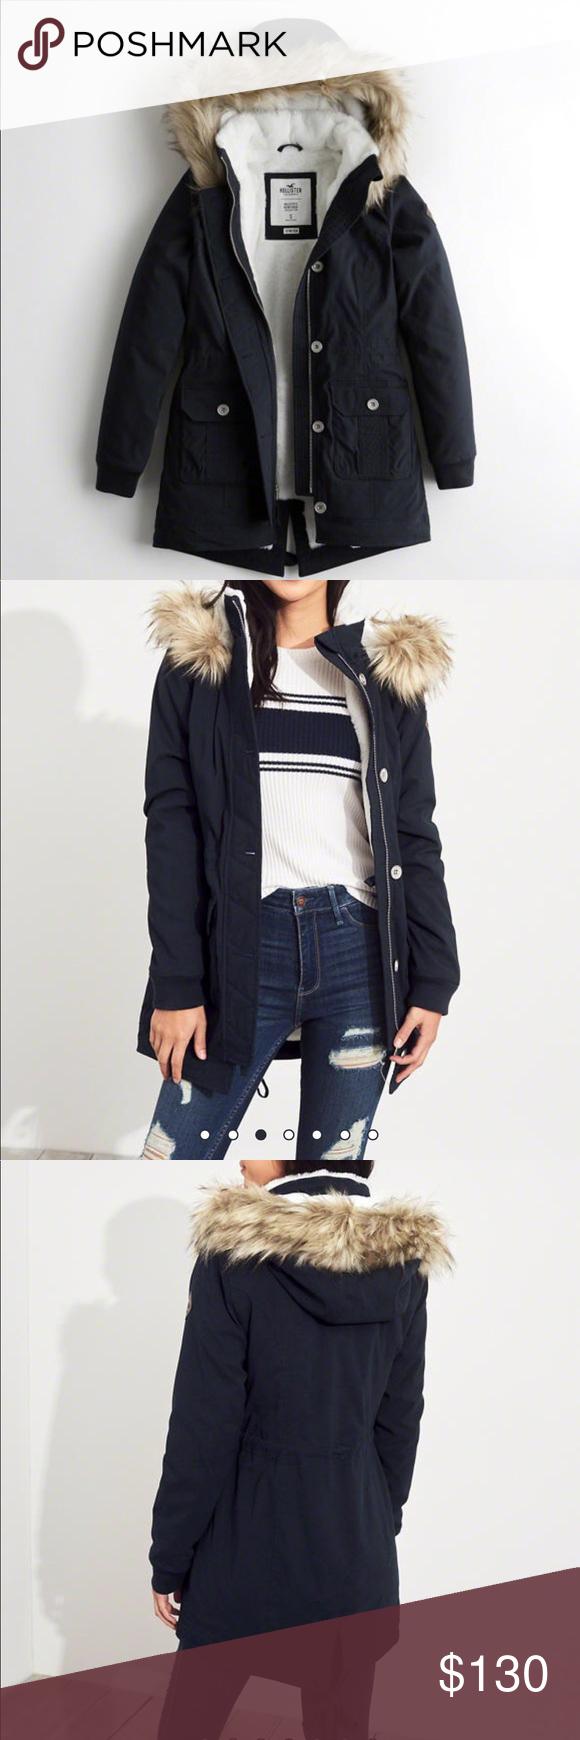 Hollister Cozy Lined Parka Fashion Clothes Design Fashion Design [ 1740 x 580 Pixel ]